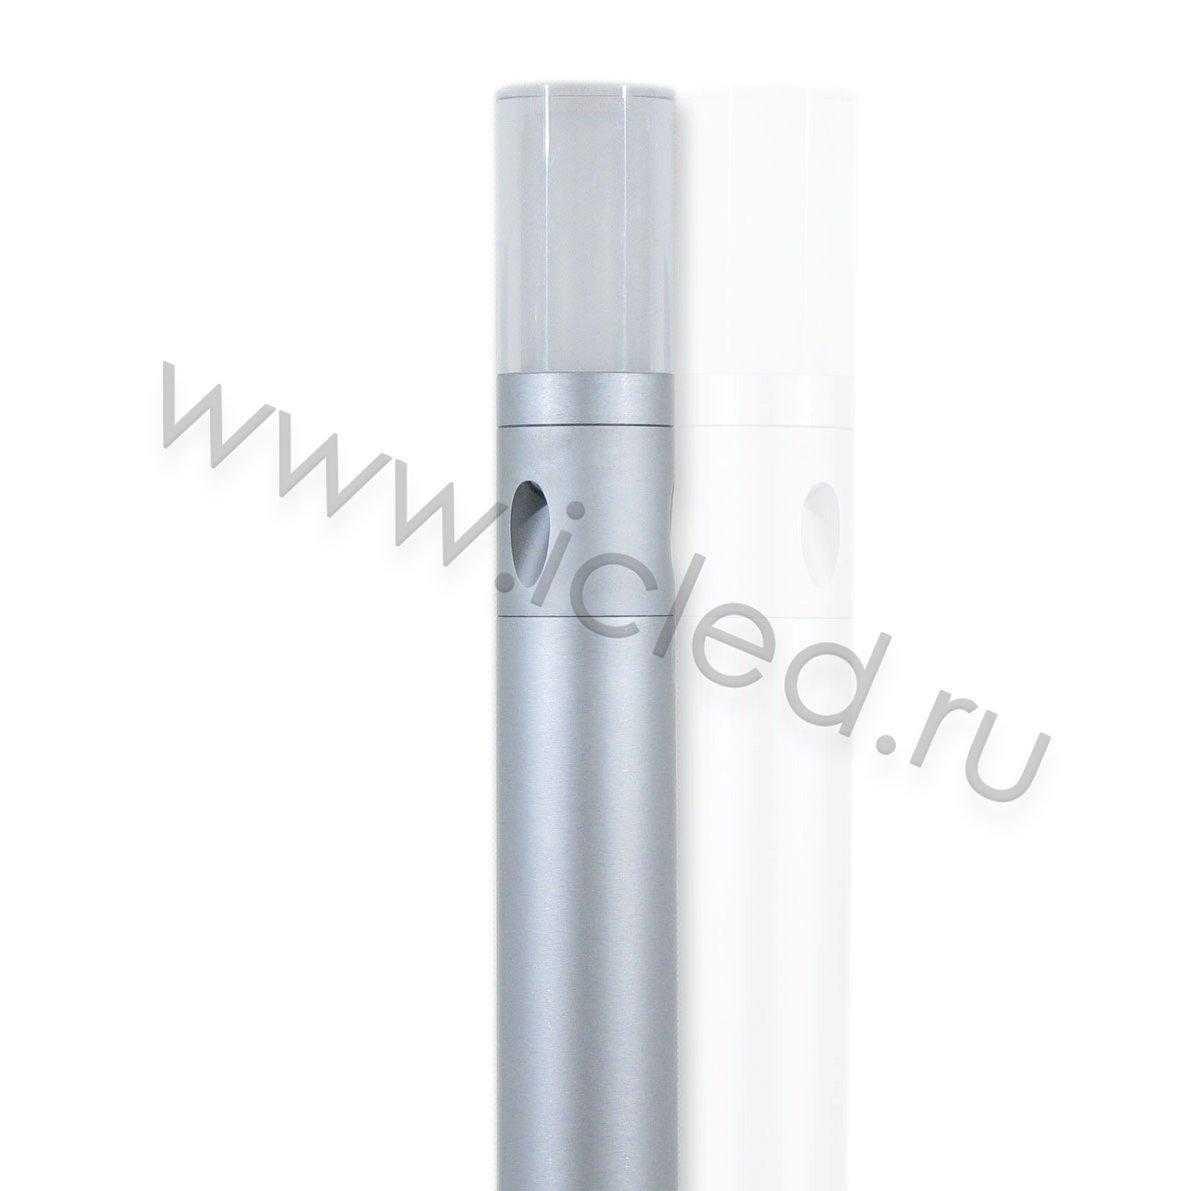 Светодиодный светильник столбик UCR7802D-1000 TA, Warm White